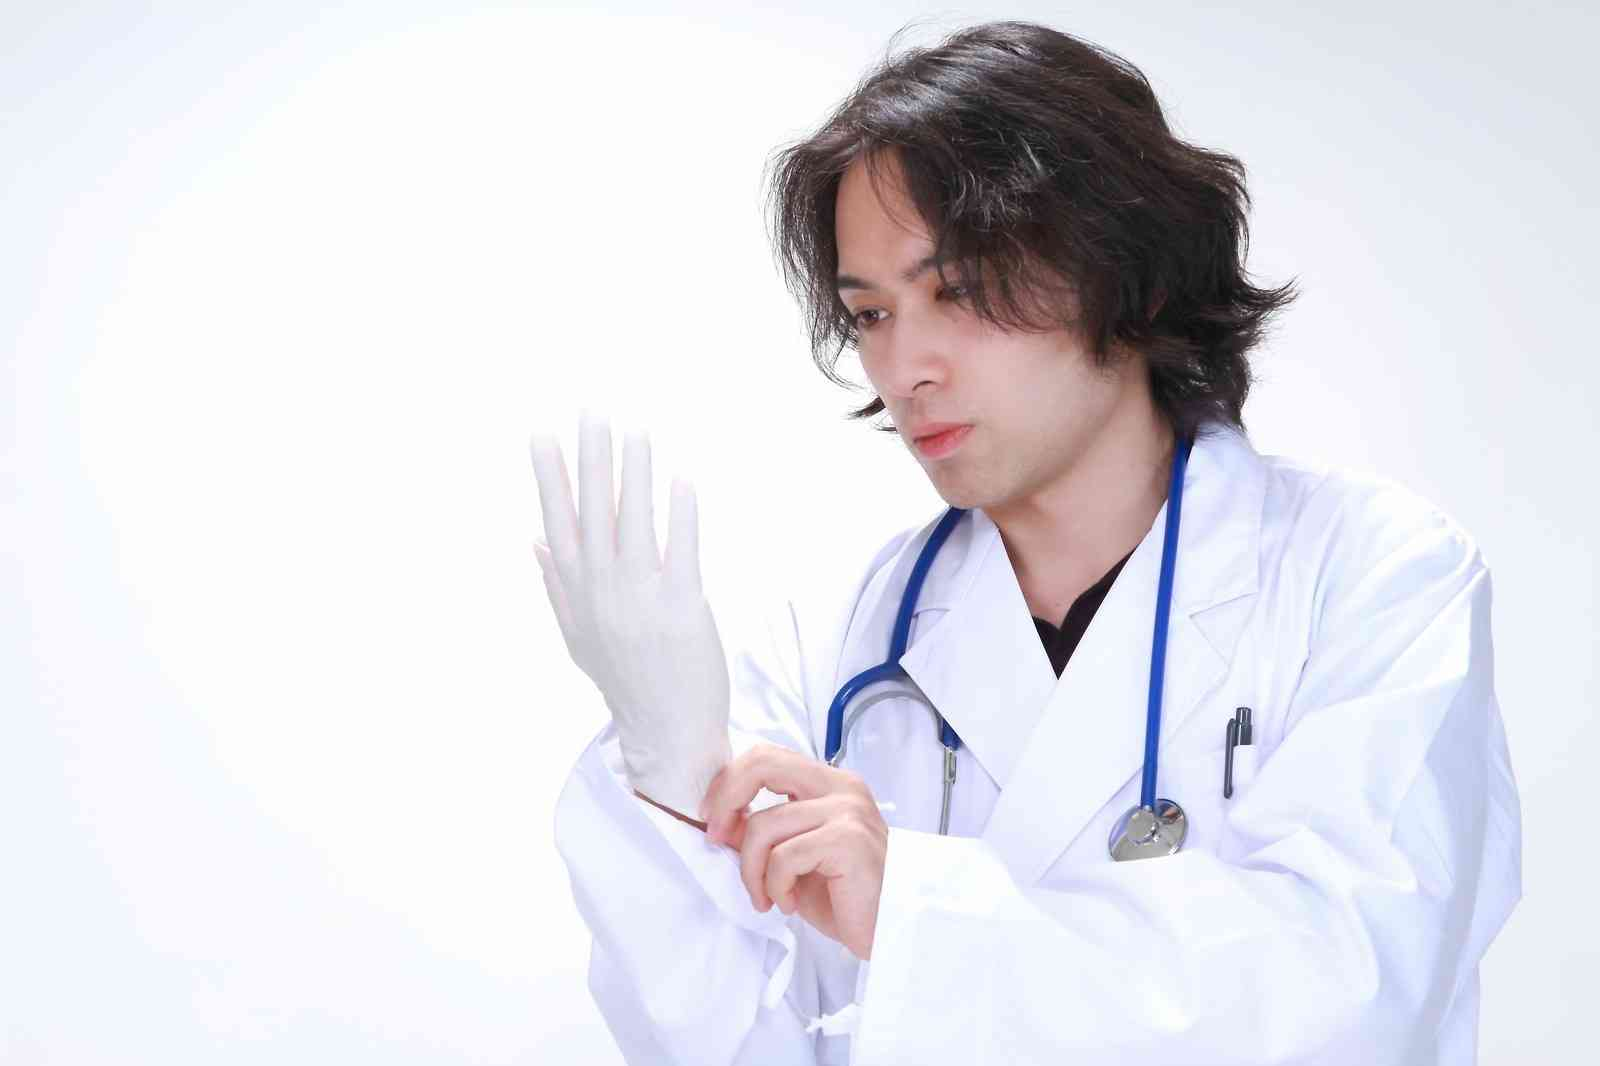 整形サイボーグ・田崎エリカの生々しい手術方法に名倉潤ら戦慄!最もこだわったのは「おでこ」|ニュース&エンタメ情報『Yomerumo』